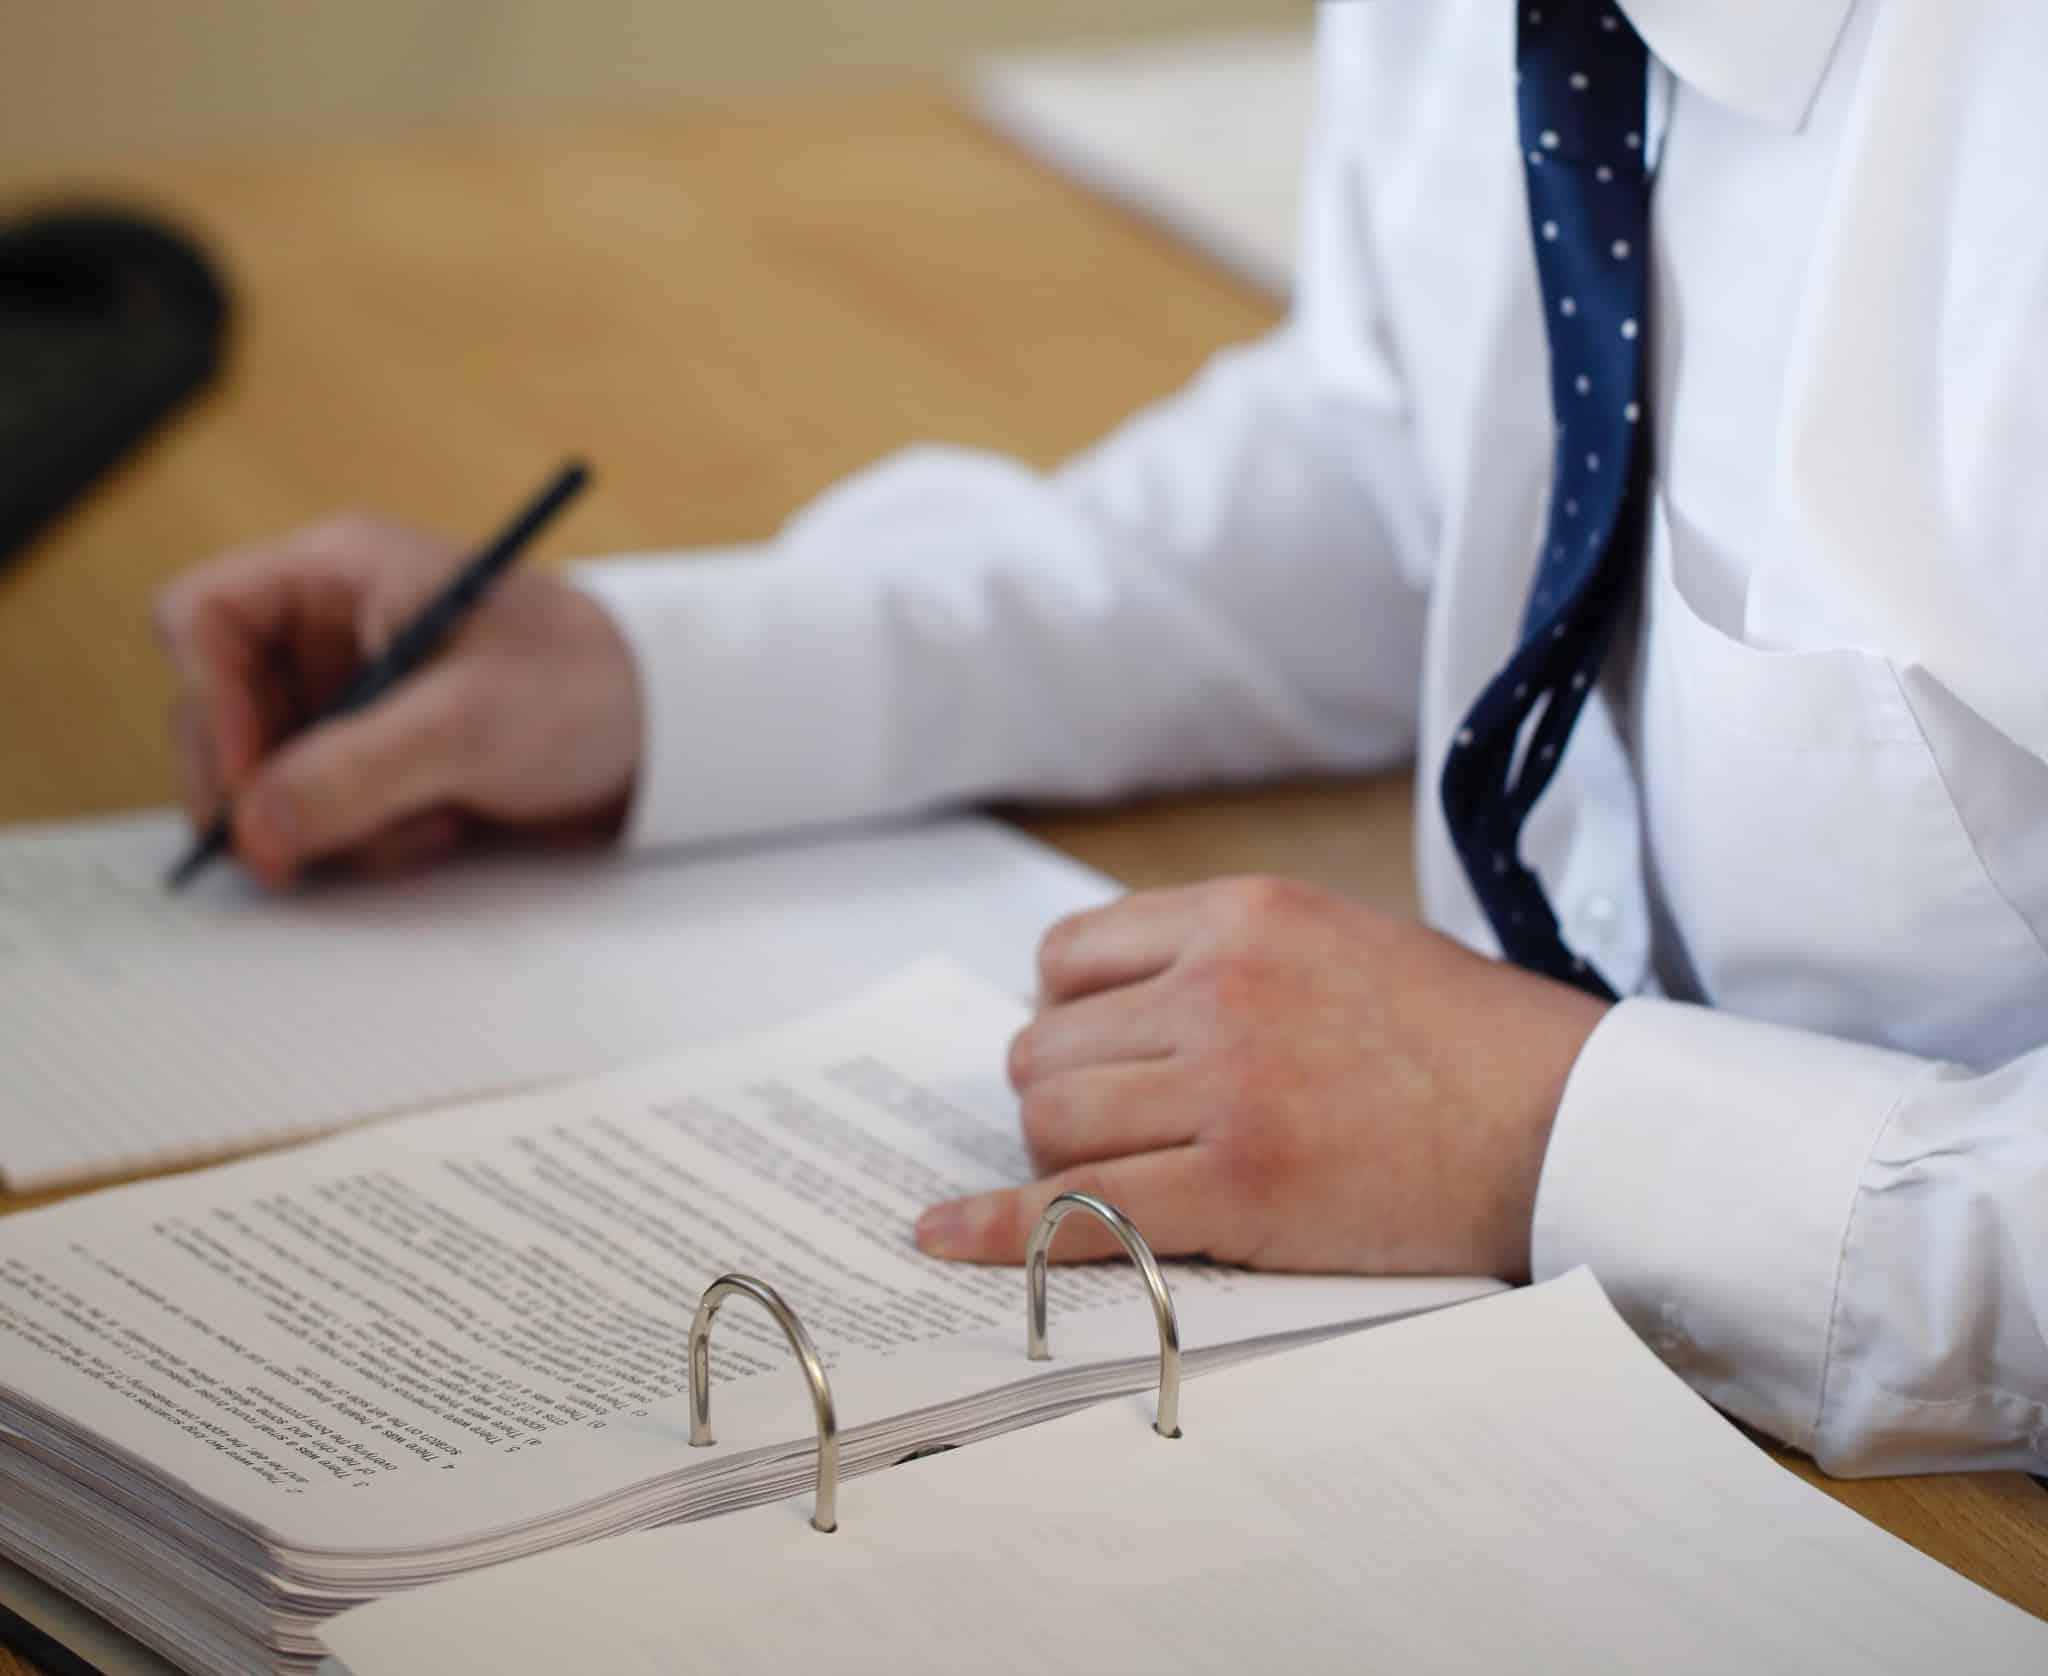 pessoa com gravata a escrever uma folha com um dossier aberto